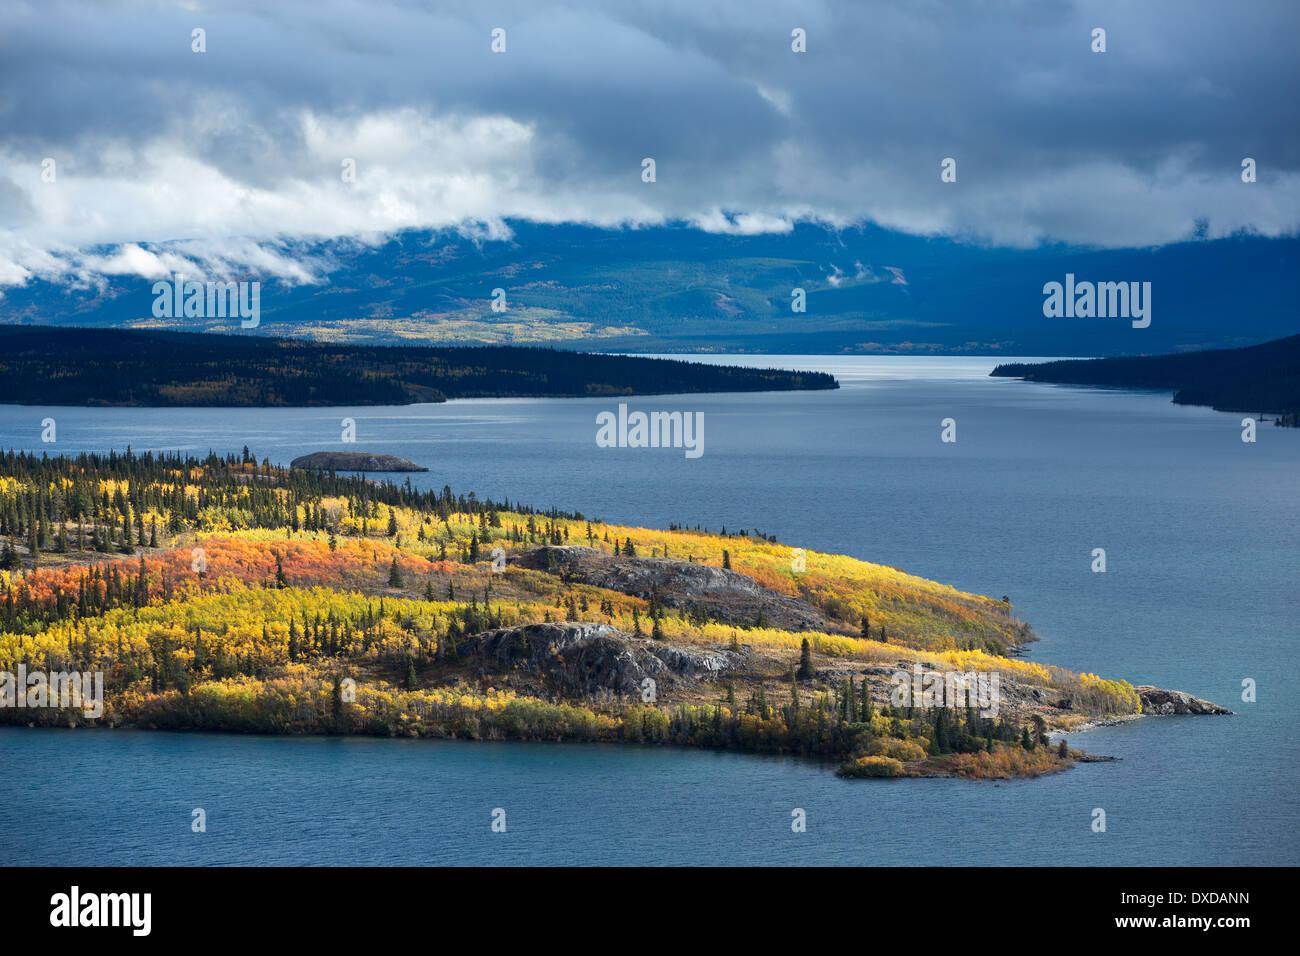 Isla de Bove, Tagish el lago, los Territorios del Yukón, Canadá Foto de stock